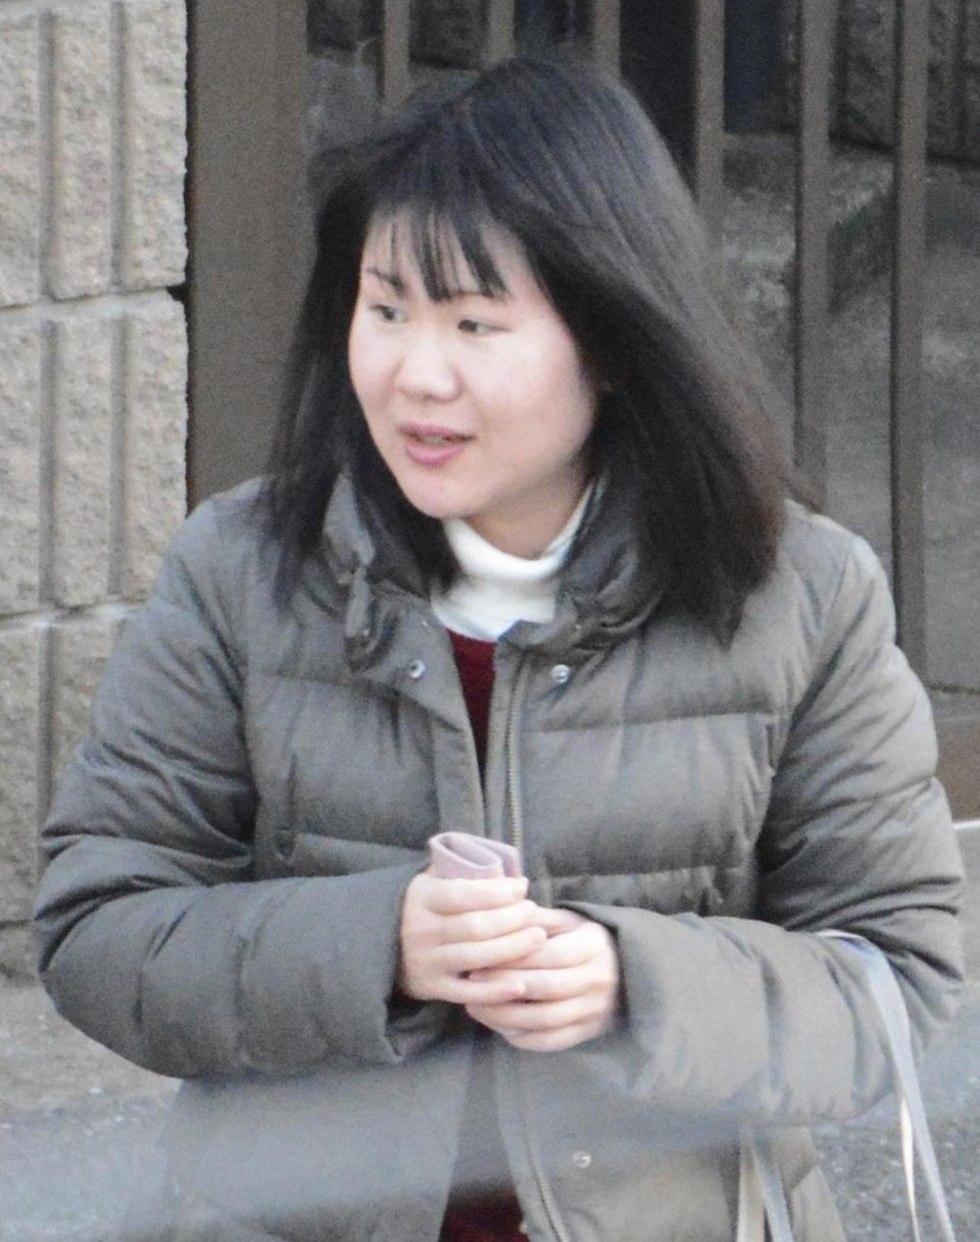 אחות ב יפן איומי קובוקי (צילום: gettyimages)